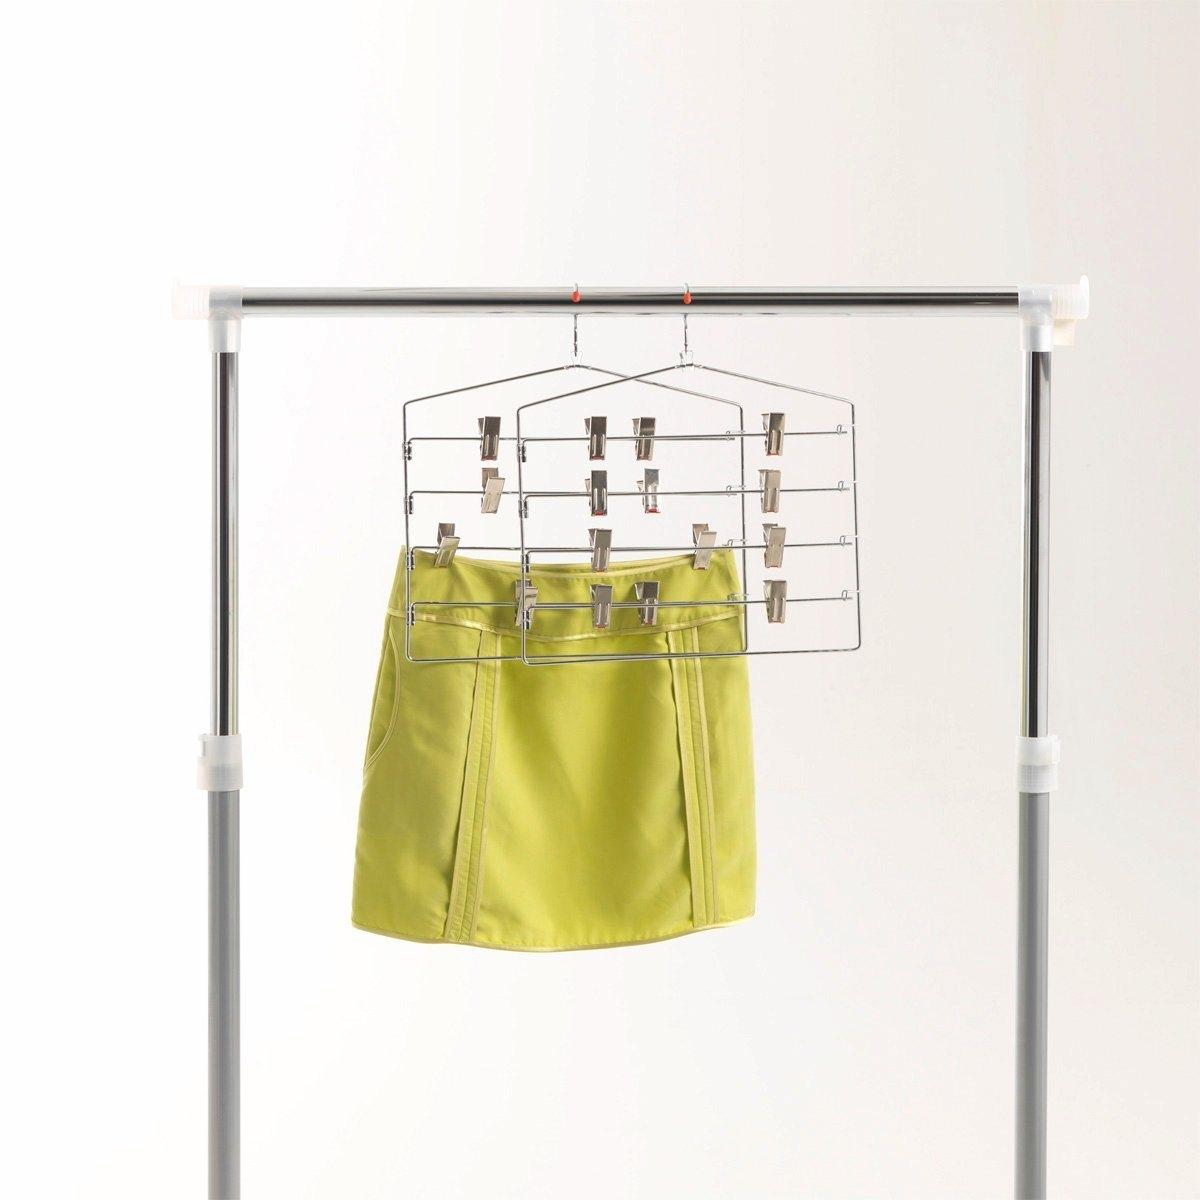 2 вешалки для 4 юбок.Экономит пространство в вашем шкафу: 4 юбки висят на одной вешалке!Описание вешалки для 4 юбок: - 4 планки 8 крючками-фиксаторами.- Хромированный металл.Размеры:- Длина 35 x Высота 38,5 x Ширина 2,8 см.<br><br>Цвет: серый серебристый